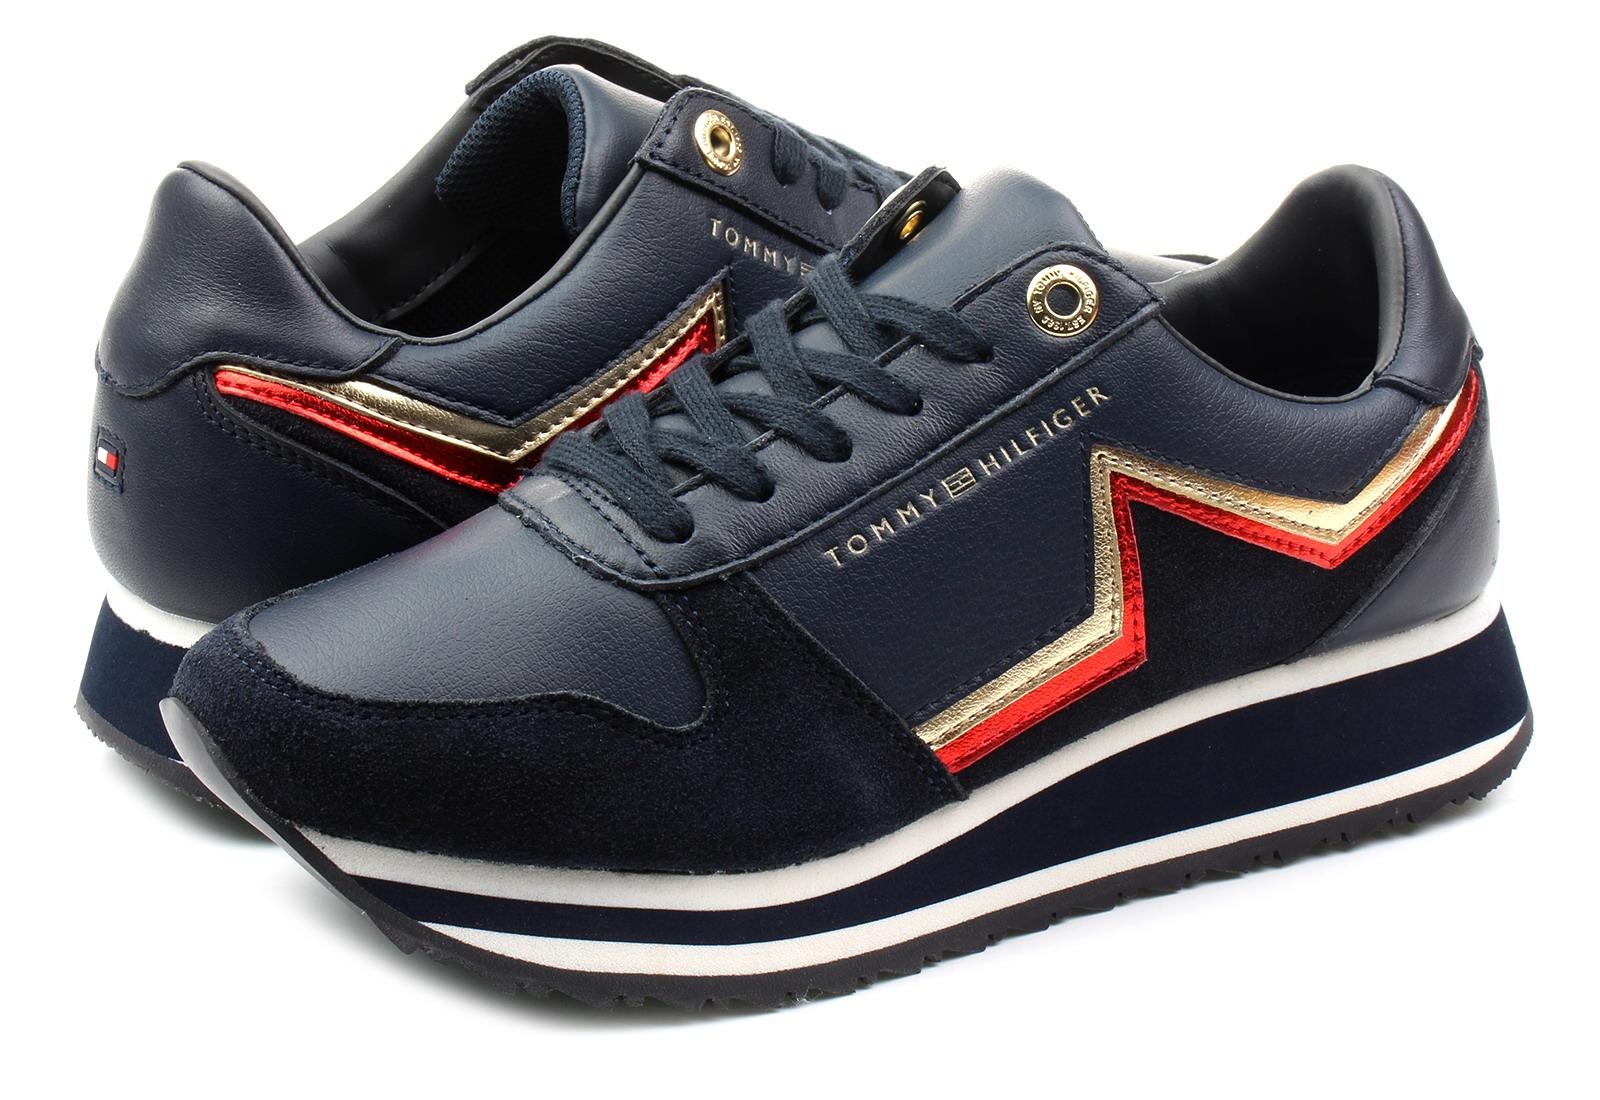 cabd51416f Tommy Hilfiger Cipő - Angel 3c - 18F-3234-020 - Office Shoes ...